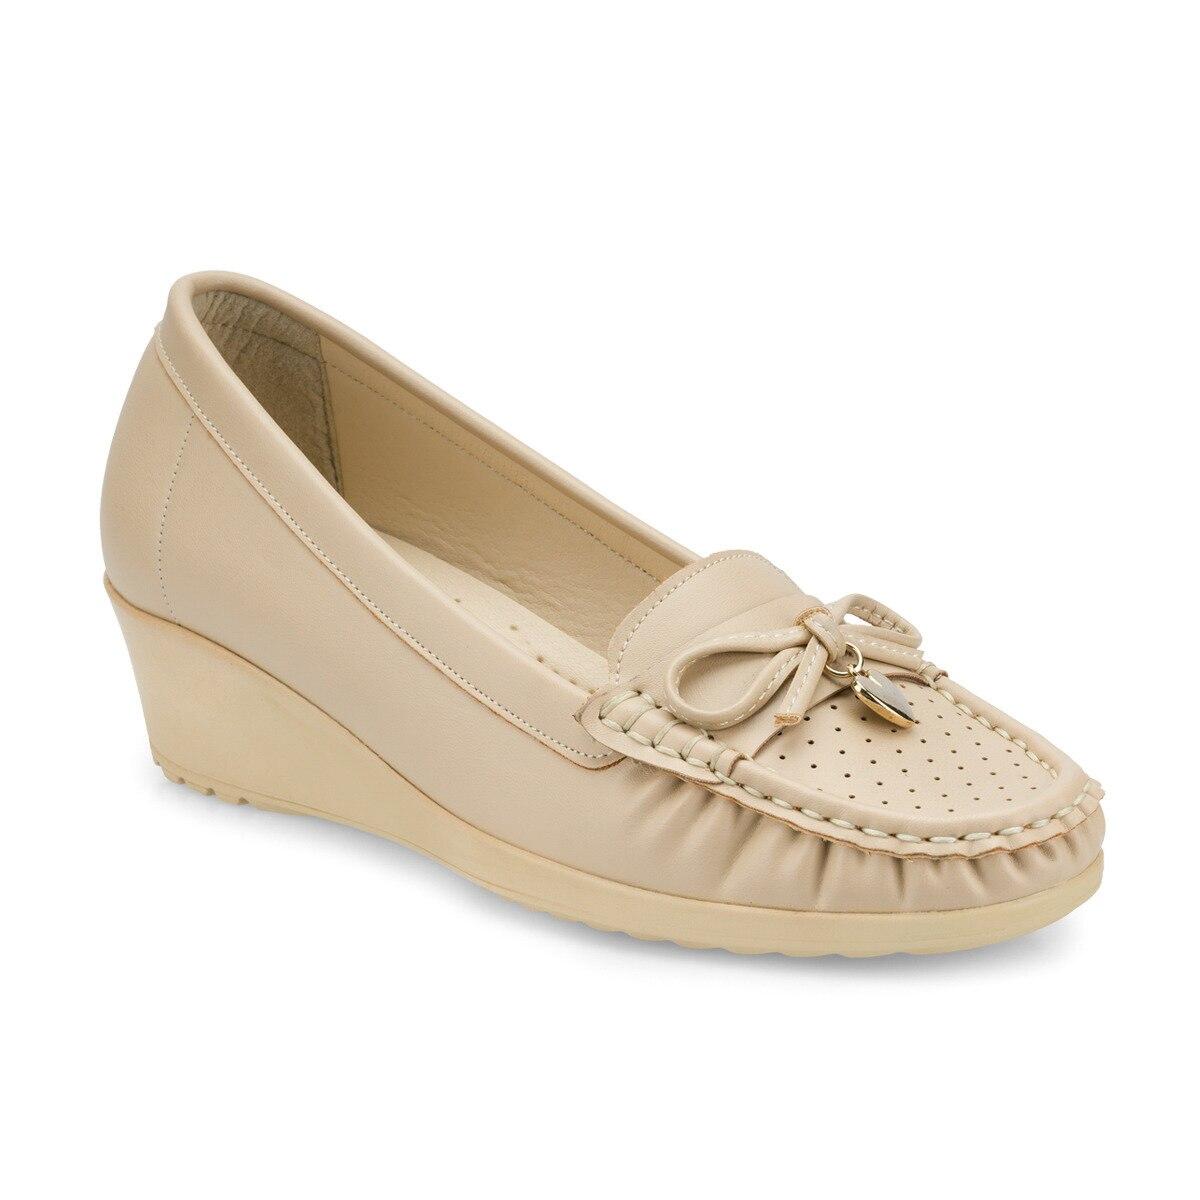 FLO 161115.Z Beige Women 'S Shoes Polaris